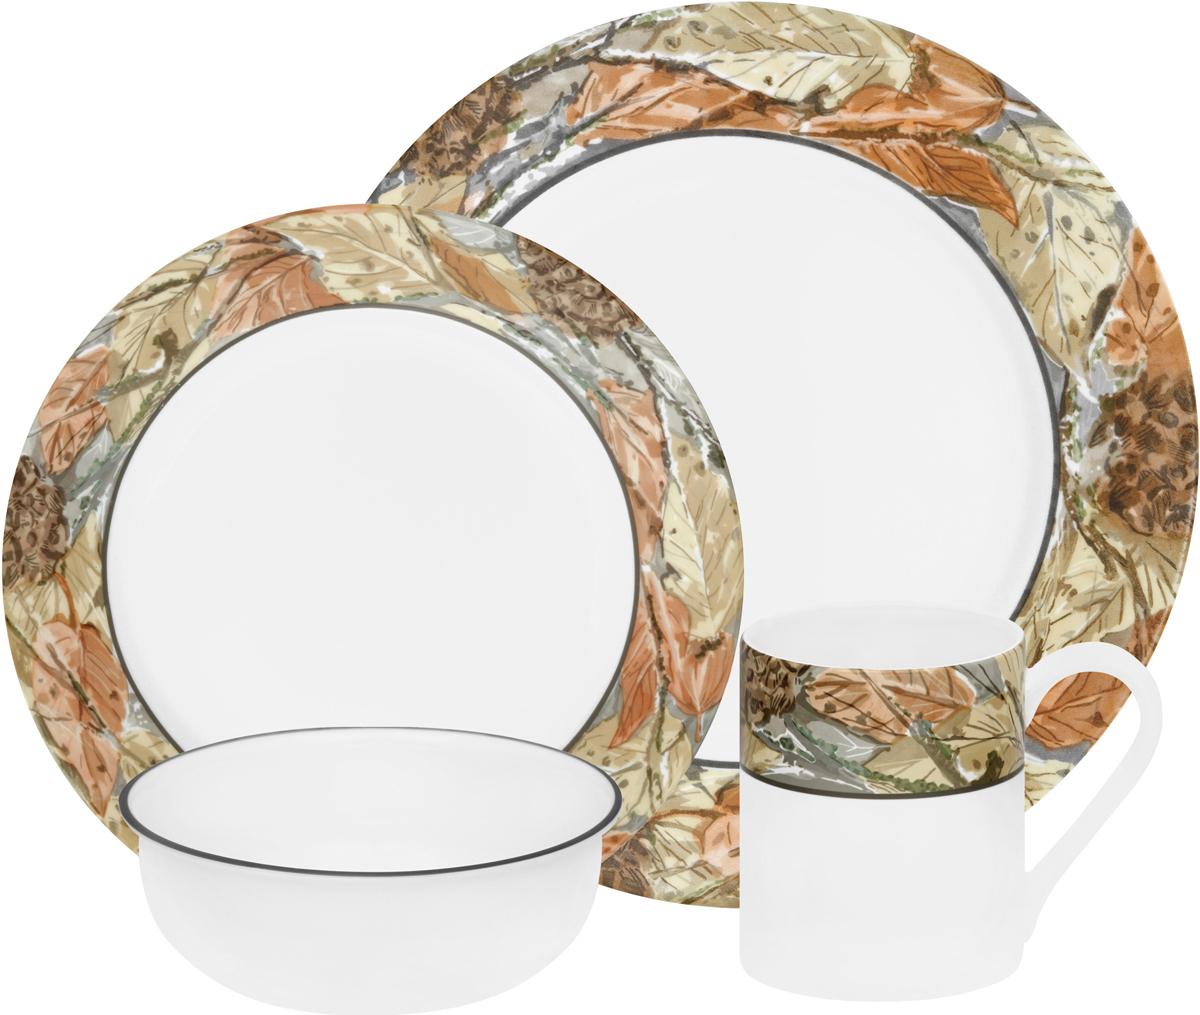 Набор посуды Corelle Woodland Leaves, цвет: белый, 16 предметов. 11095661109566Преимуществами посуды Corelle являются долговечность, красота и безопасность в использовании. Вся посуда Corelle изготавливается из высококачественного ударопрочного трехслойного стекла Vitrelle и украшена деколями американских и европейских дизайнеров. Рисунки не стираются и не царапаются, не теряют свою яркость на протяжении многих лет. Посуда Corelle не впитывает запахов и очень долгое время выглядит как новая. Уникальная эмаль, используемая во время декорирования, фактически становится единым целым с поверхностью стекла, что гарантирует долгое сохранение нанесенного рисунка. Еще одним из главных преимуществ посуды Corelle является ее безопасность. В производстве используются только безопасные для пищи пигменты эмали, при производстве посуды не применяется вредный для здоровья человека меламин. Изделия из материала Vitrelle: Прочные и легкие; Выдерживают температуру до 180С; Могут использоваться в посудомоечной машине и микроволновой печи; Штабелируемые; Устойчивы к царапинам; Ударопрочные; Не содержит меламин.4 обеденные тарелки 27 см; 4 закусочные тарелки 22 см; 4 суповые чаши 470 мл; 4 фарфоровые кружки 330 мл